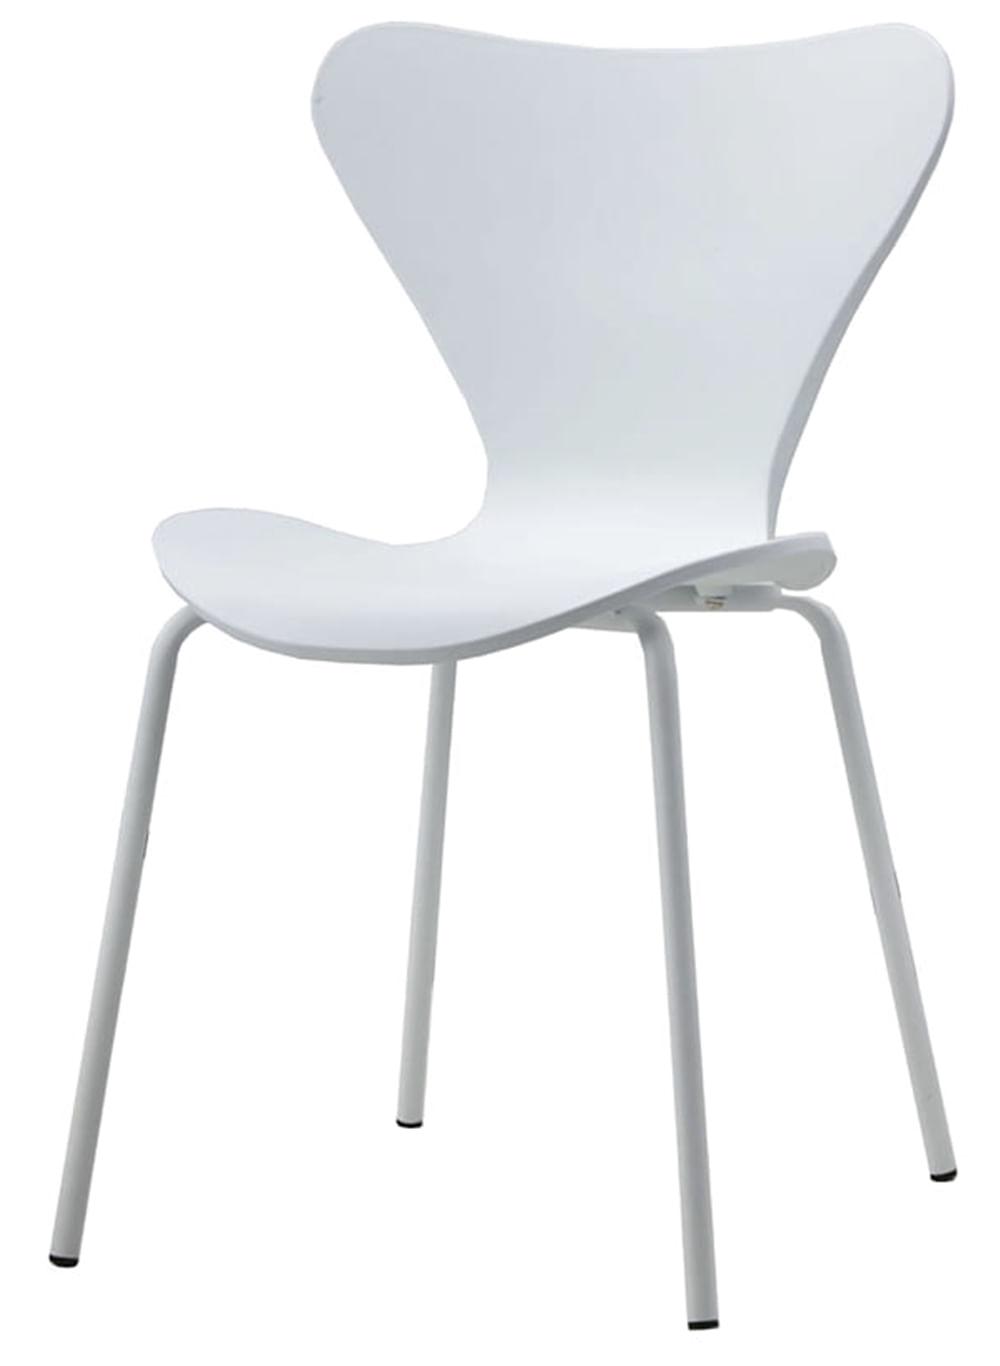 Cadeira Front Branca com Base Branca - 58159